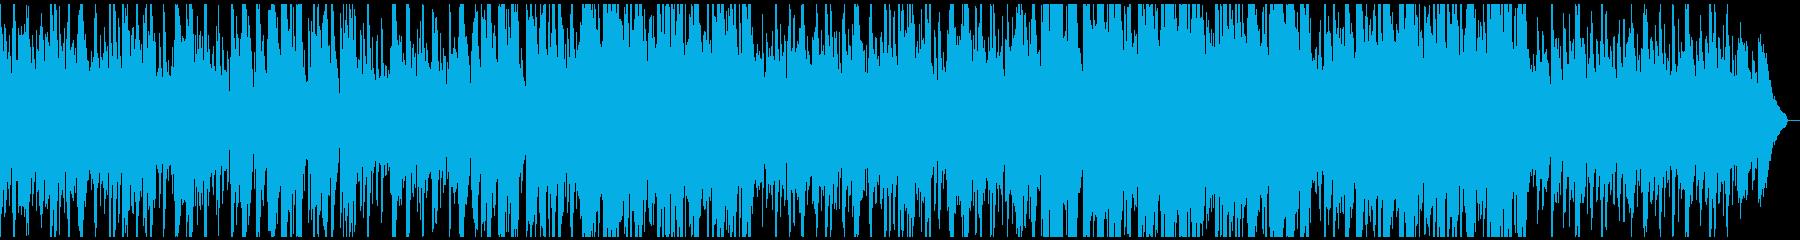 遅いワルツ。泣くアコースティックギ...の再生済みの波形